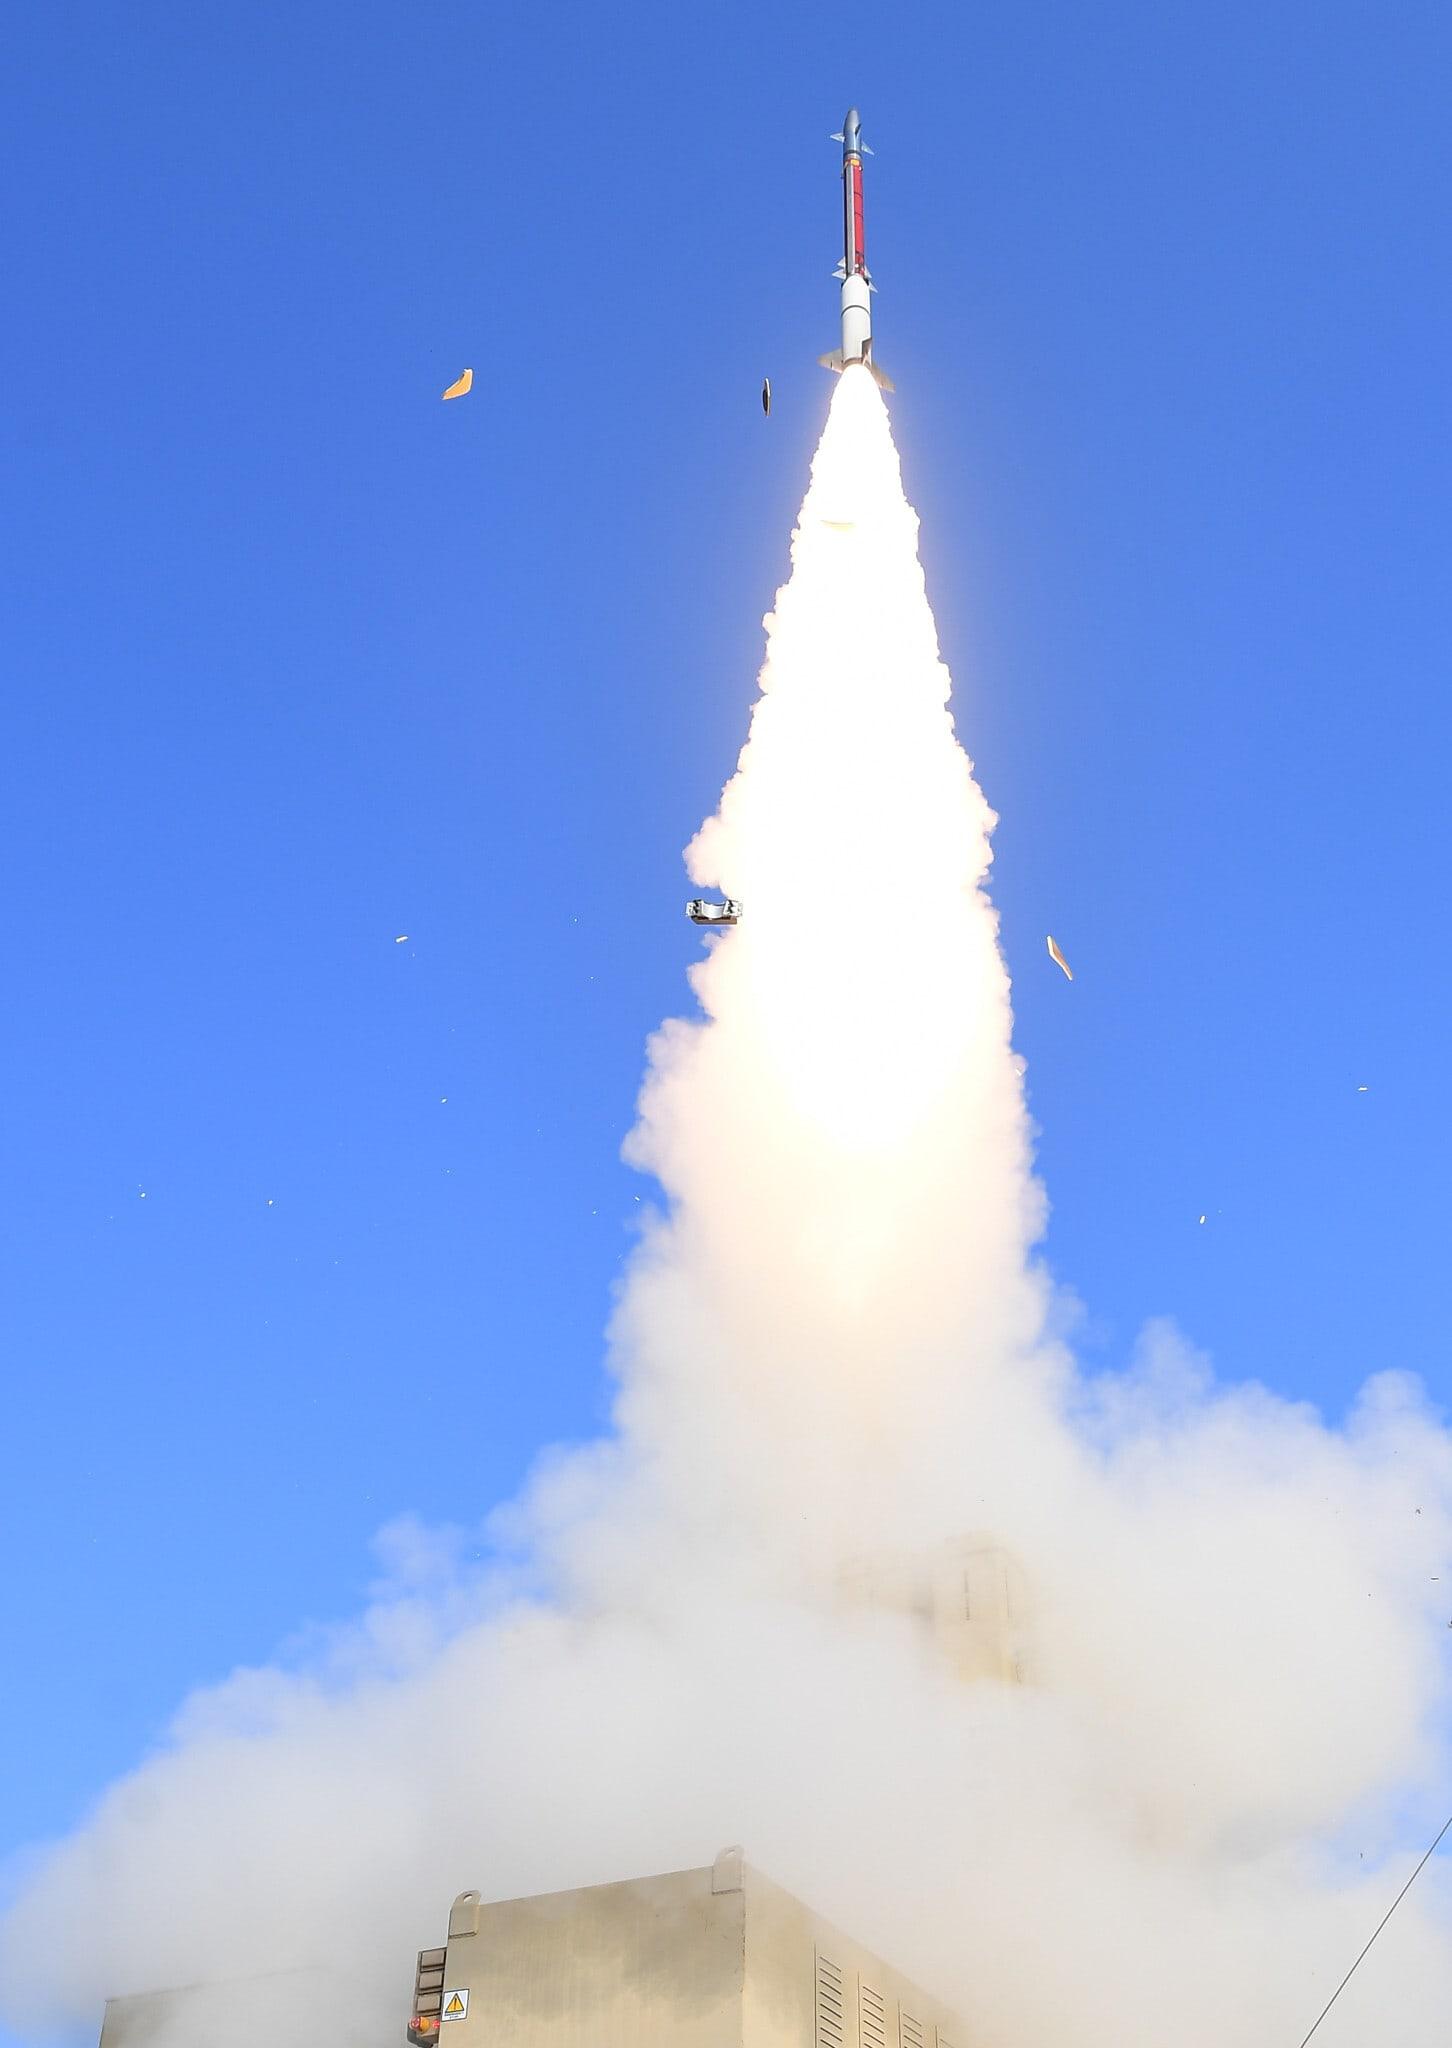 """טיל מיירט מטרת דמה במסגרת תרגיל צה""""ל, דצמבר 2020 (צילום: דוברות משרד הביטחון)"""